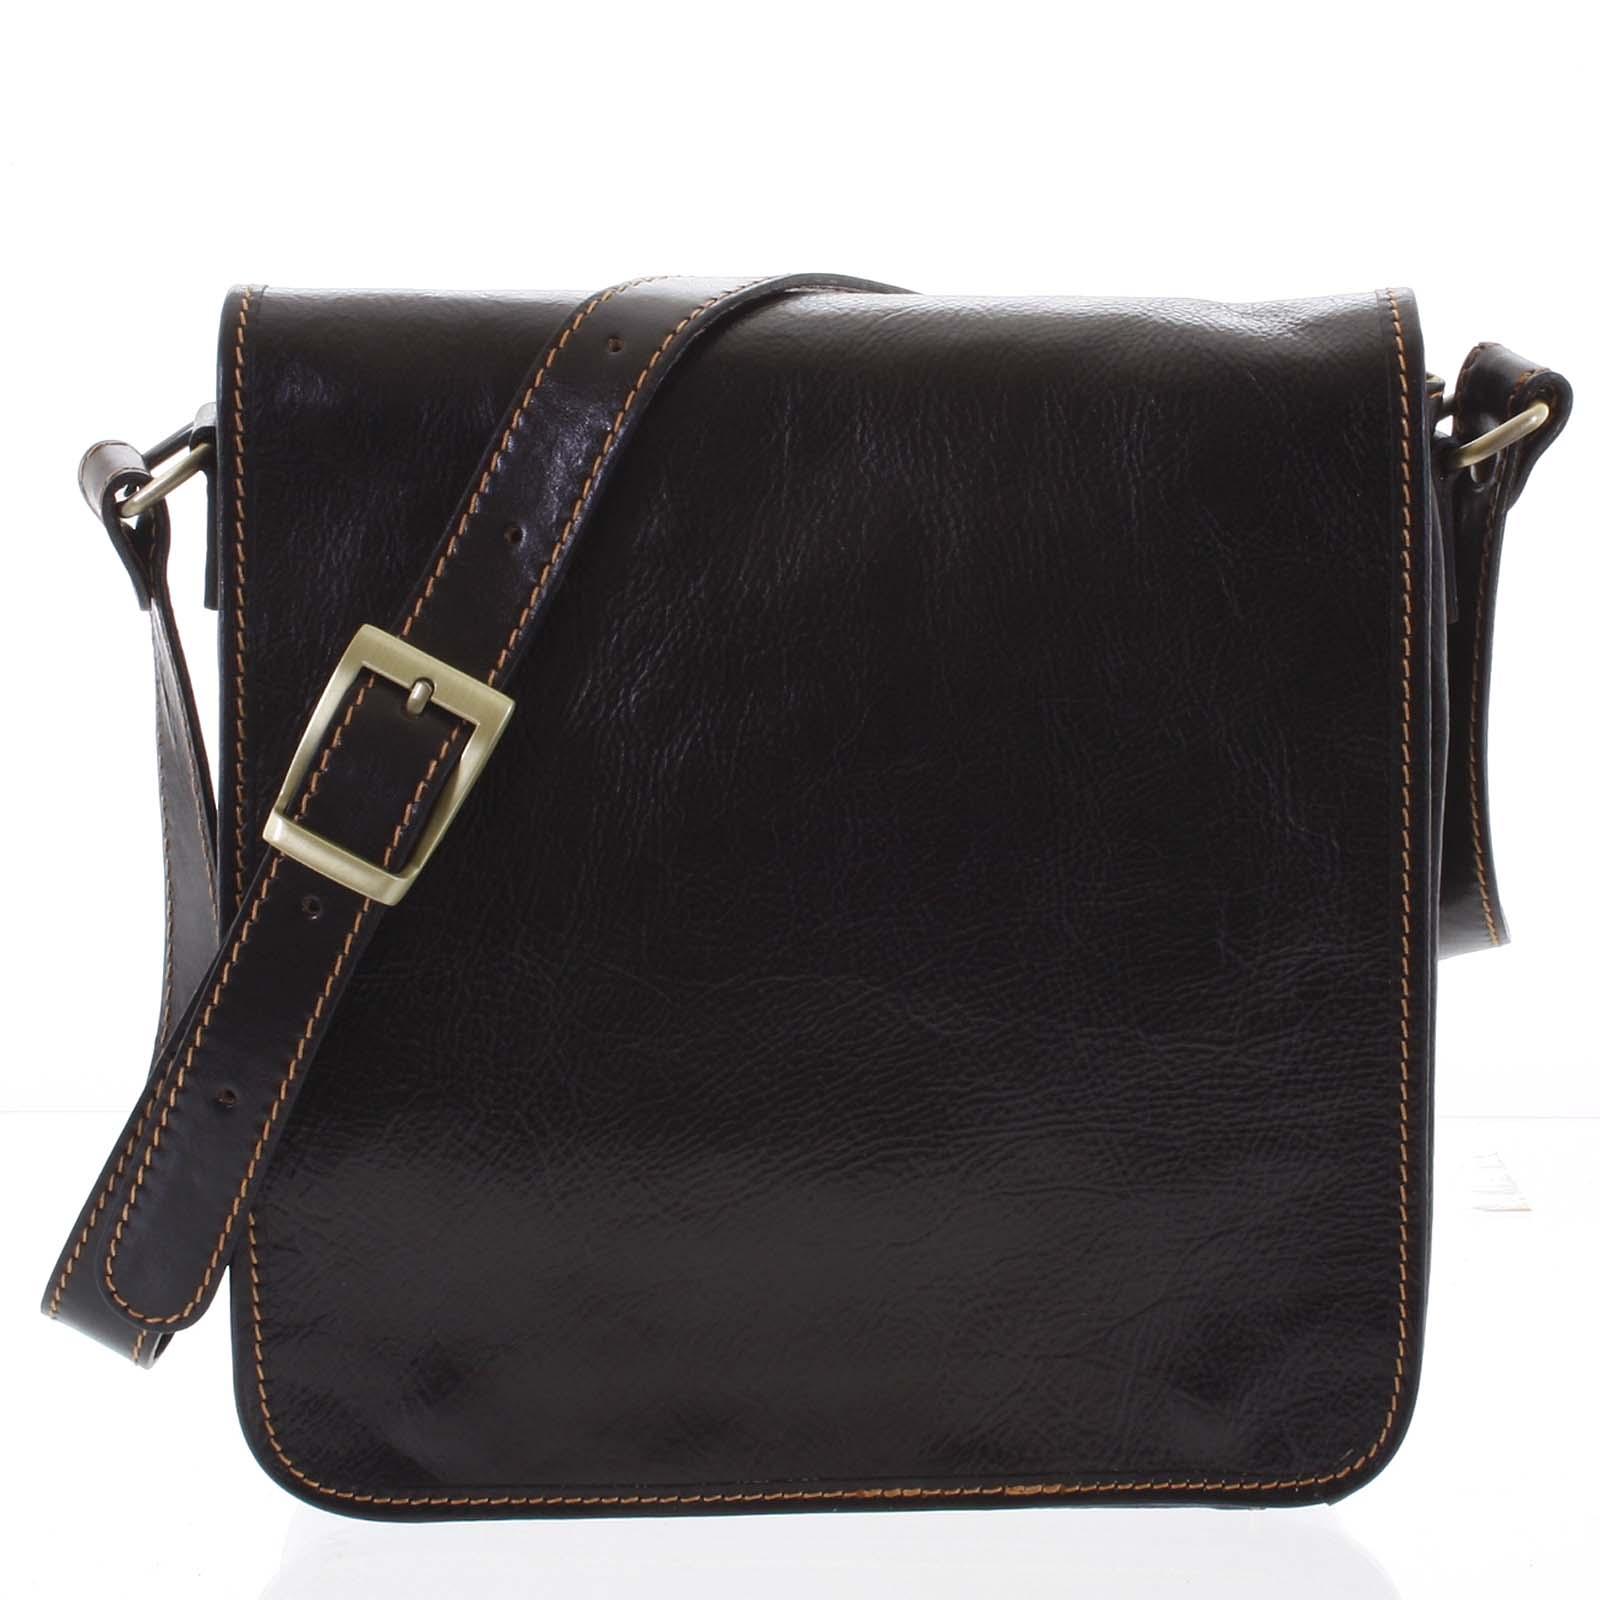 Pánská luxusní kožená taška přes rameno tmavě hnědá - ItalY Jamar hnědá